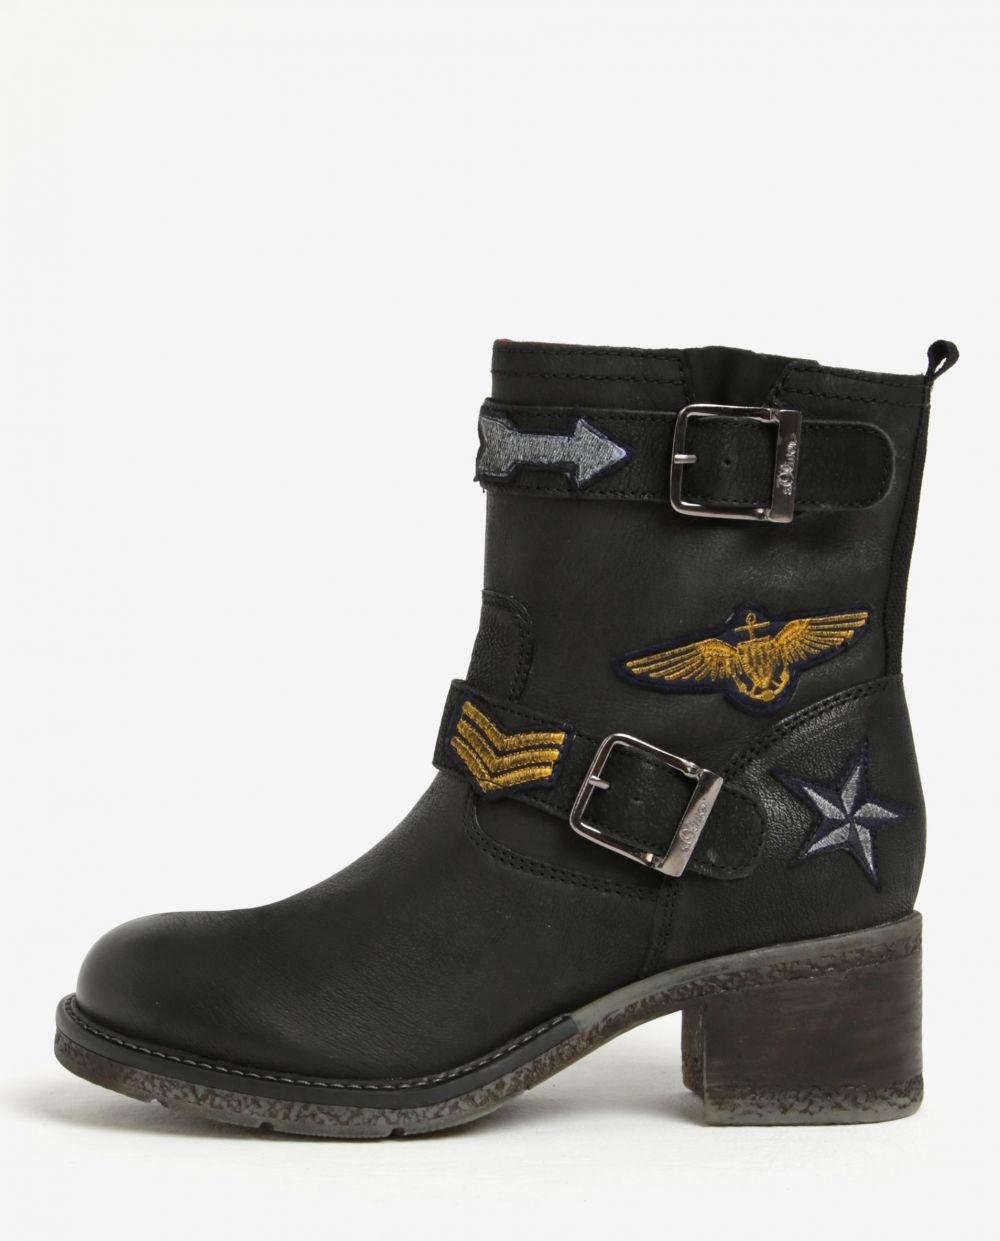 28f01a6cf3de Čierne dámske zimné kožené členkové topánky s.Oliver značky s.Oliver -  Lovely.sk